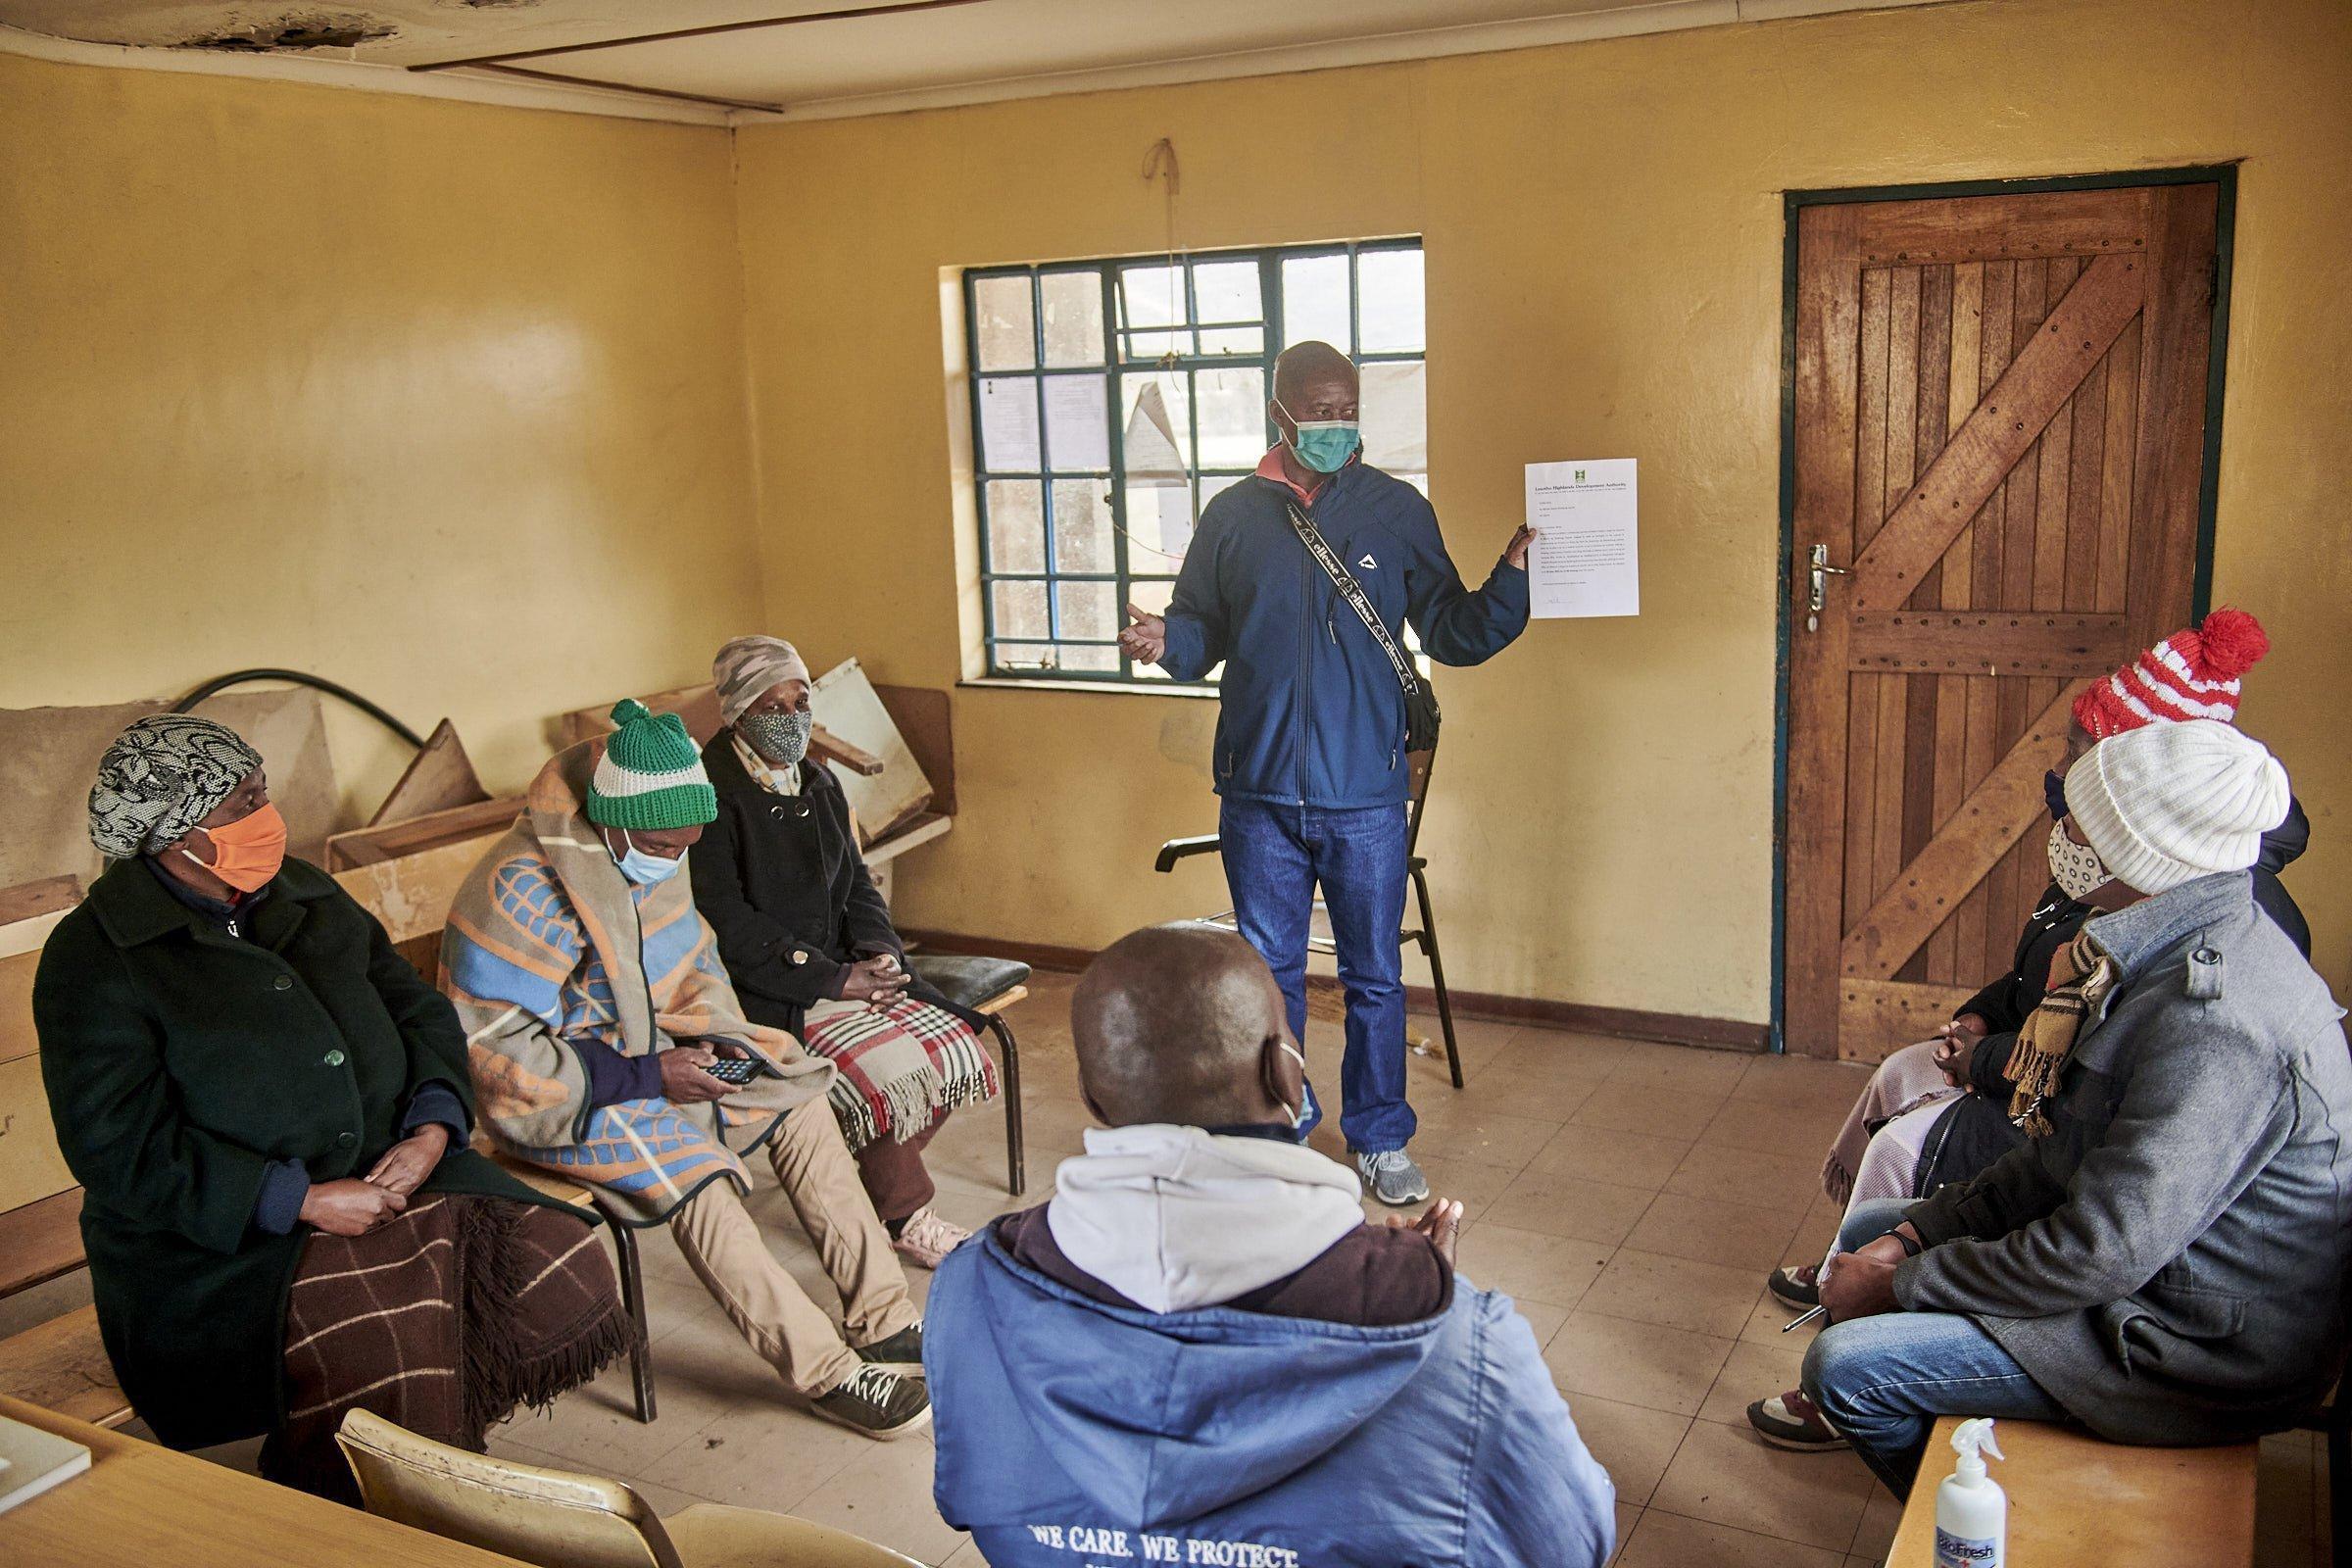 In einem Raum sitzen die Komitee-Mitglieder auf Bänken, vor ihnen hält Mothusi Sequee ein neues Schreiben der LHDA hoch